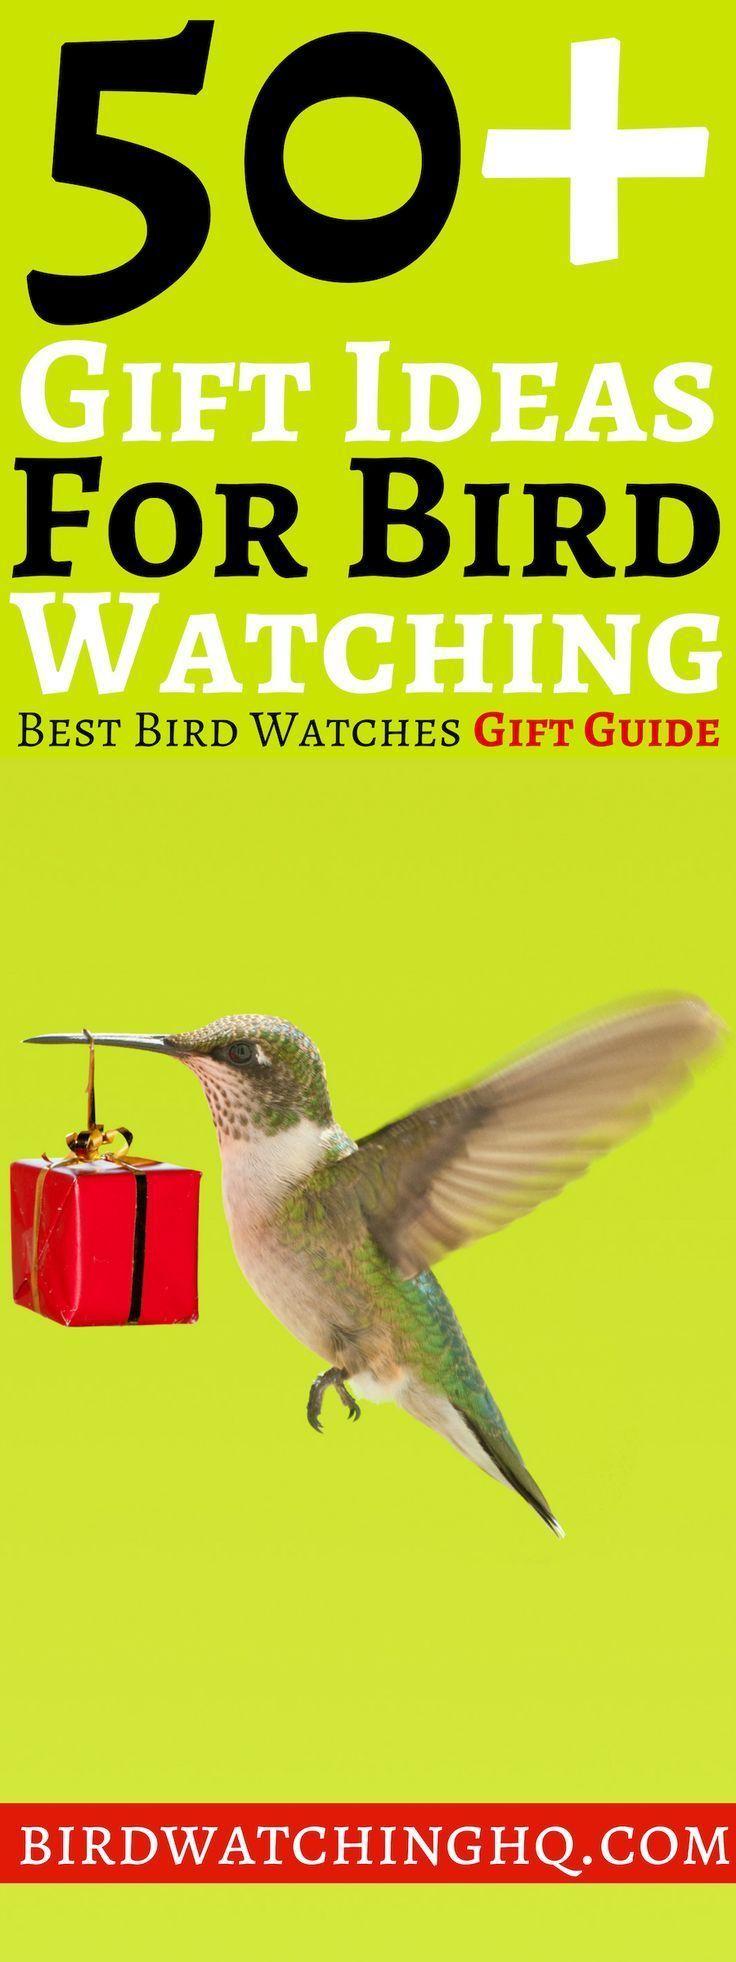 50 gift ideas for bird watching bird lovers 2020